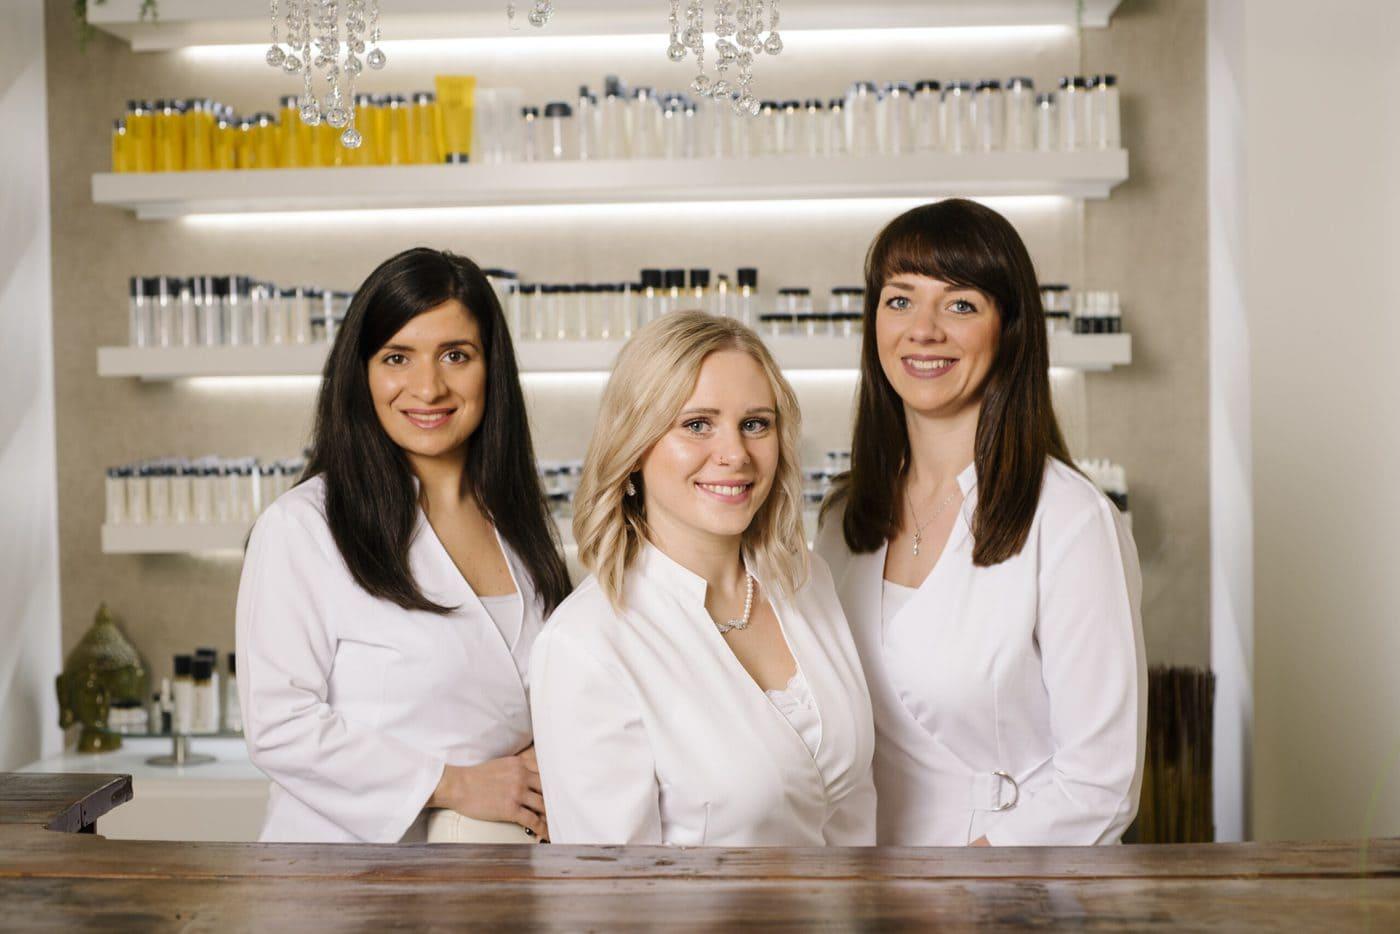 Kosmetikinsitut Sendling Tanja Brummer & Team